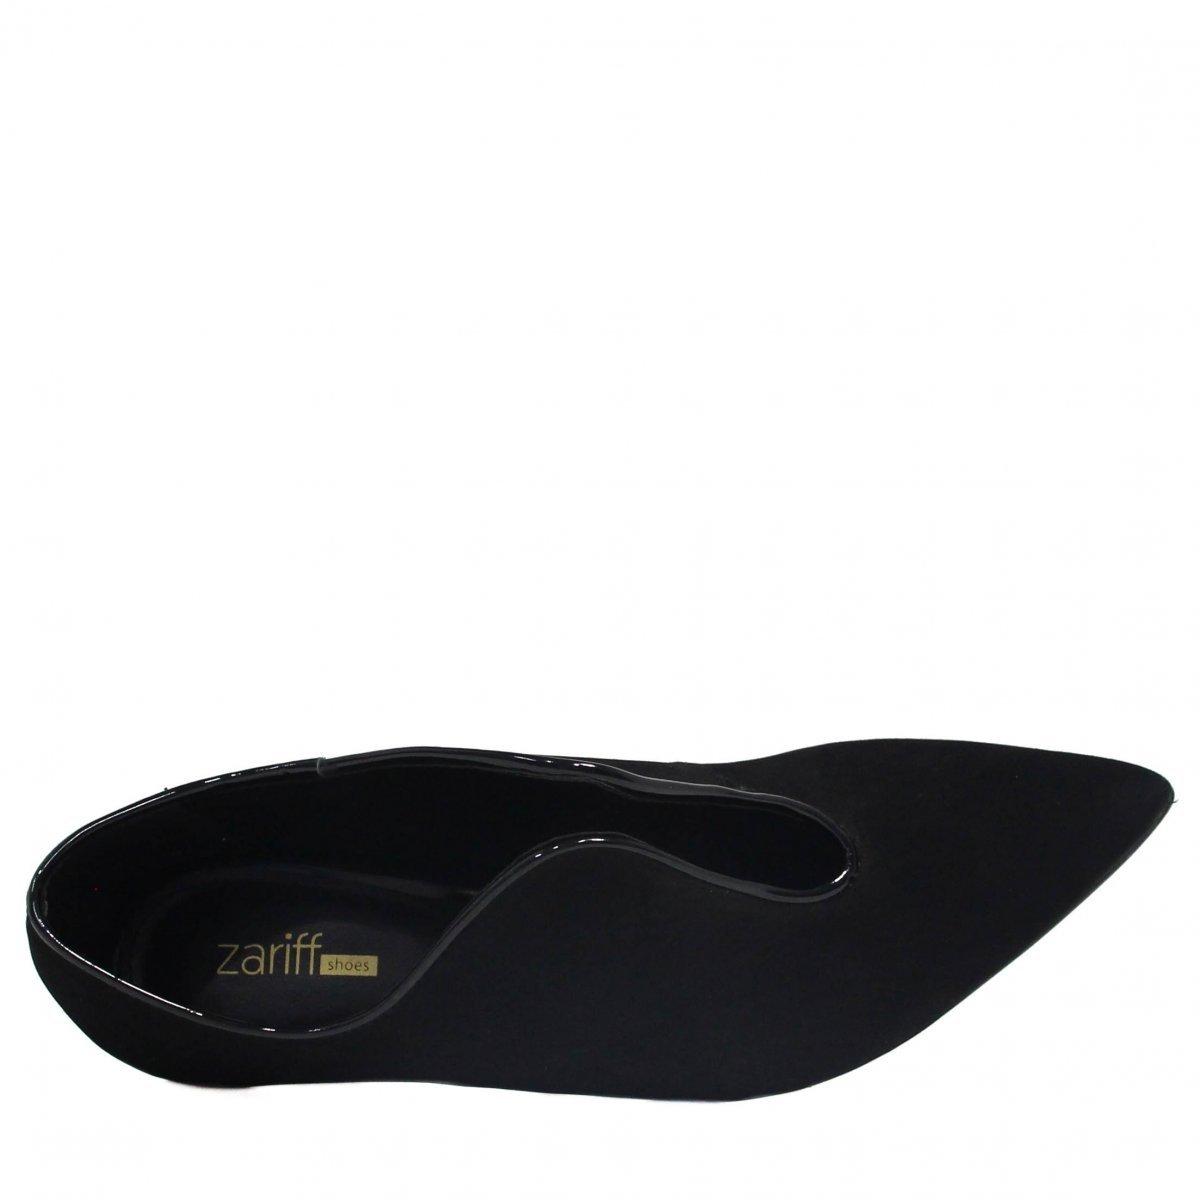 Shoes Scarpin Salto Scarpin Feminino Zariff Zariff Preto Fino tB7tx1qnw